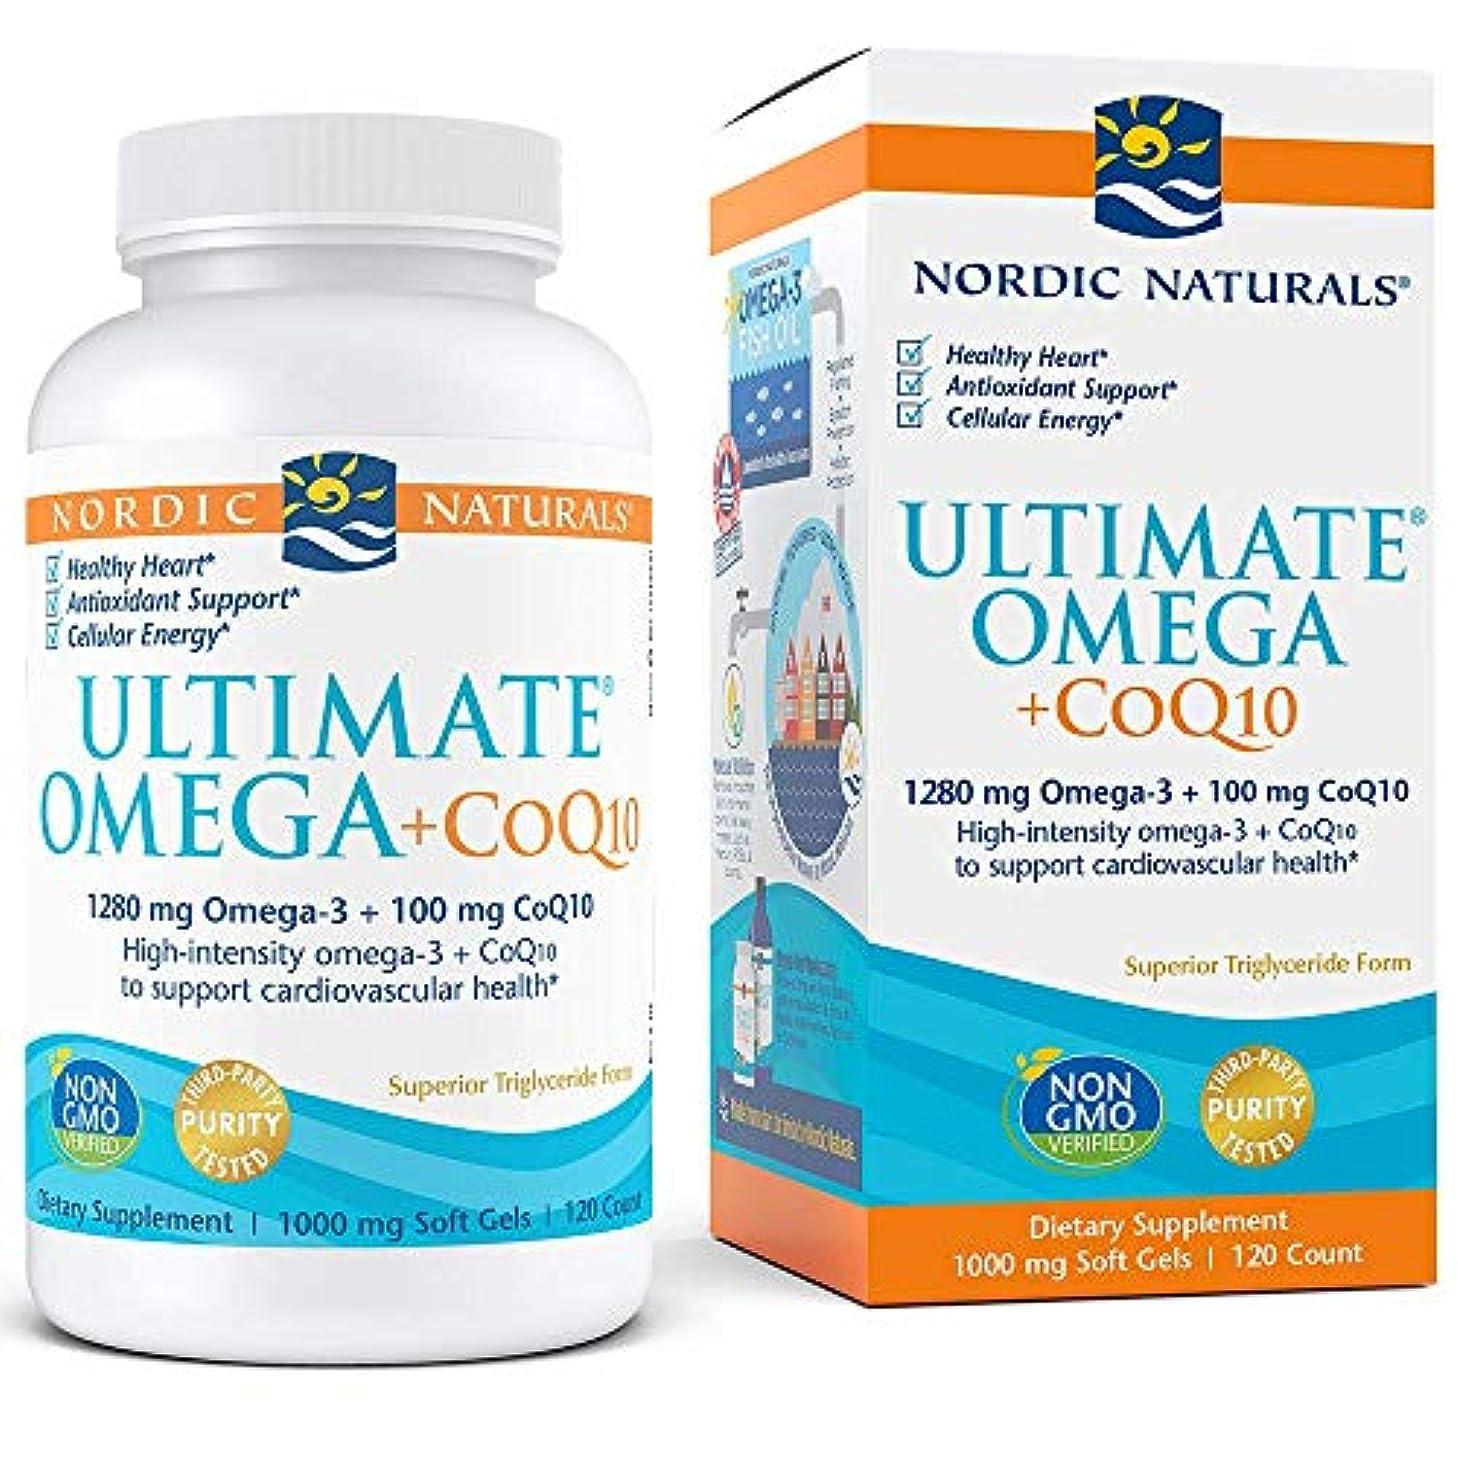 意識的予報曲げるNordic Naturals Ultimate Omega + CoQ10 アルティメットオメガ+コエンザイムQ10 120錠 [海外直送品]